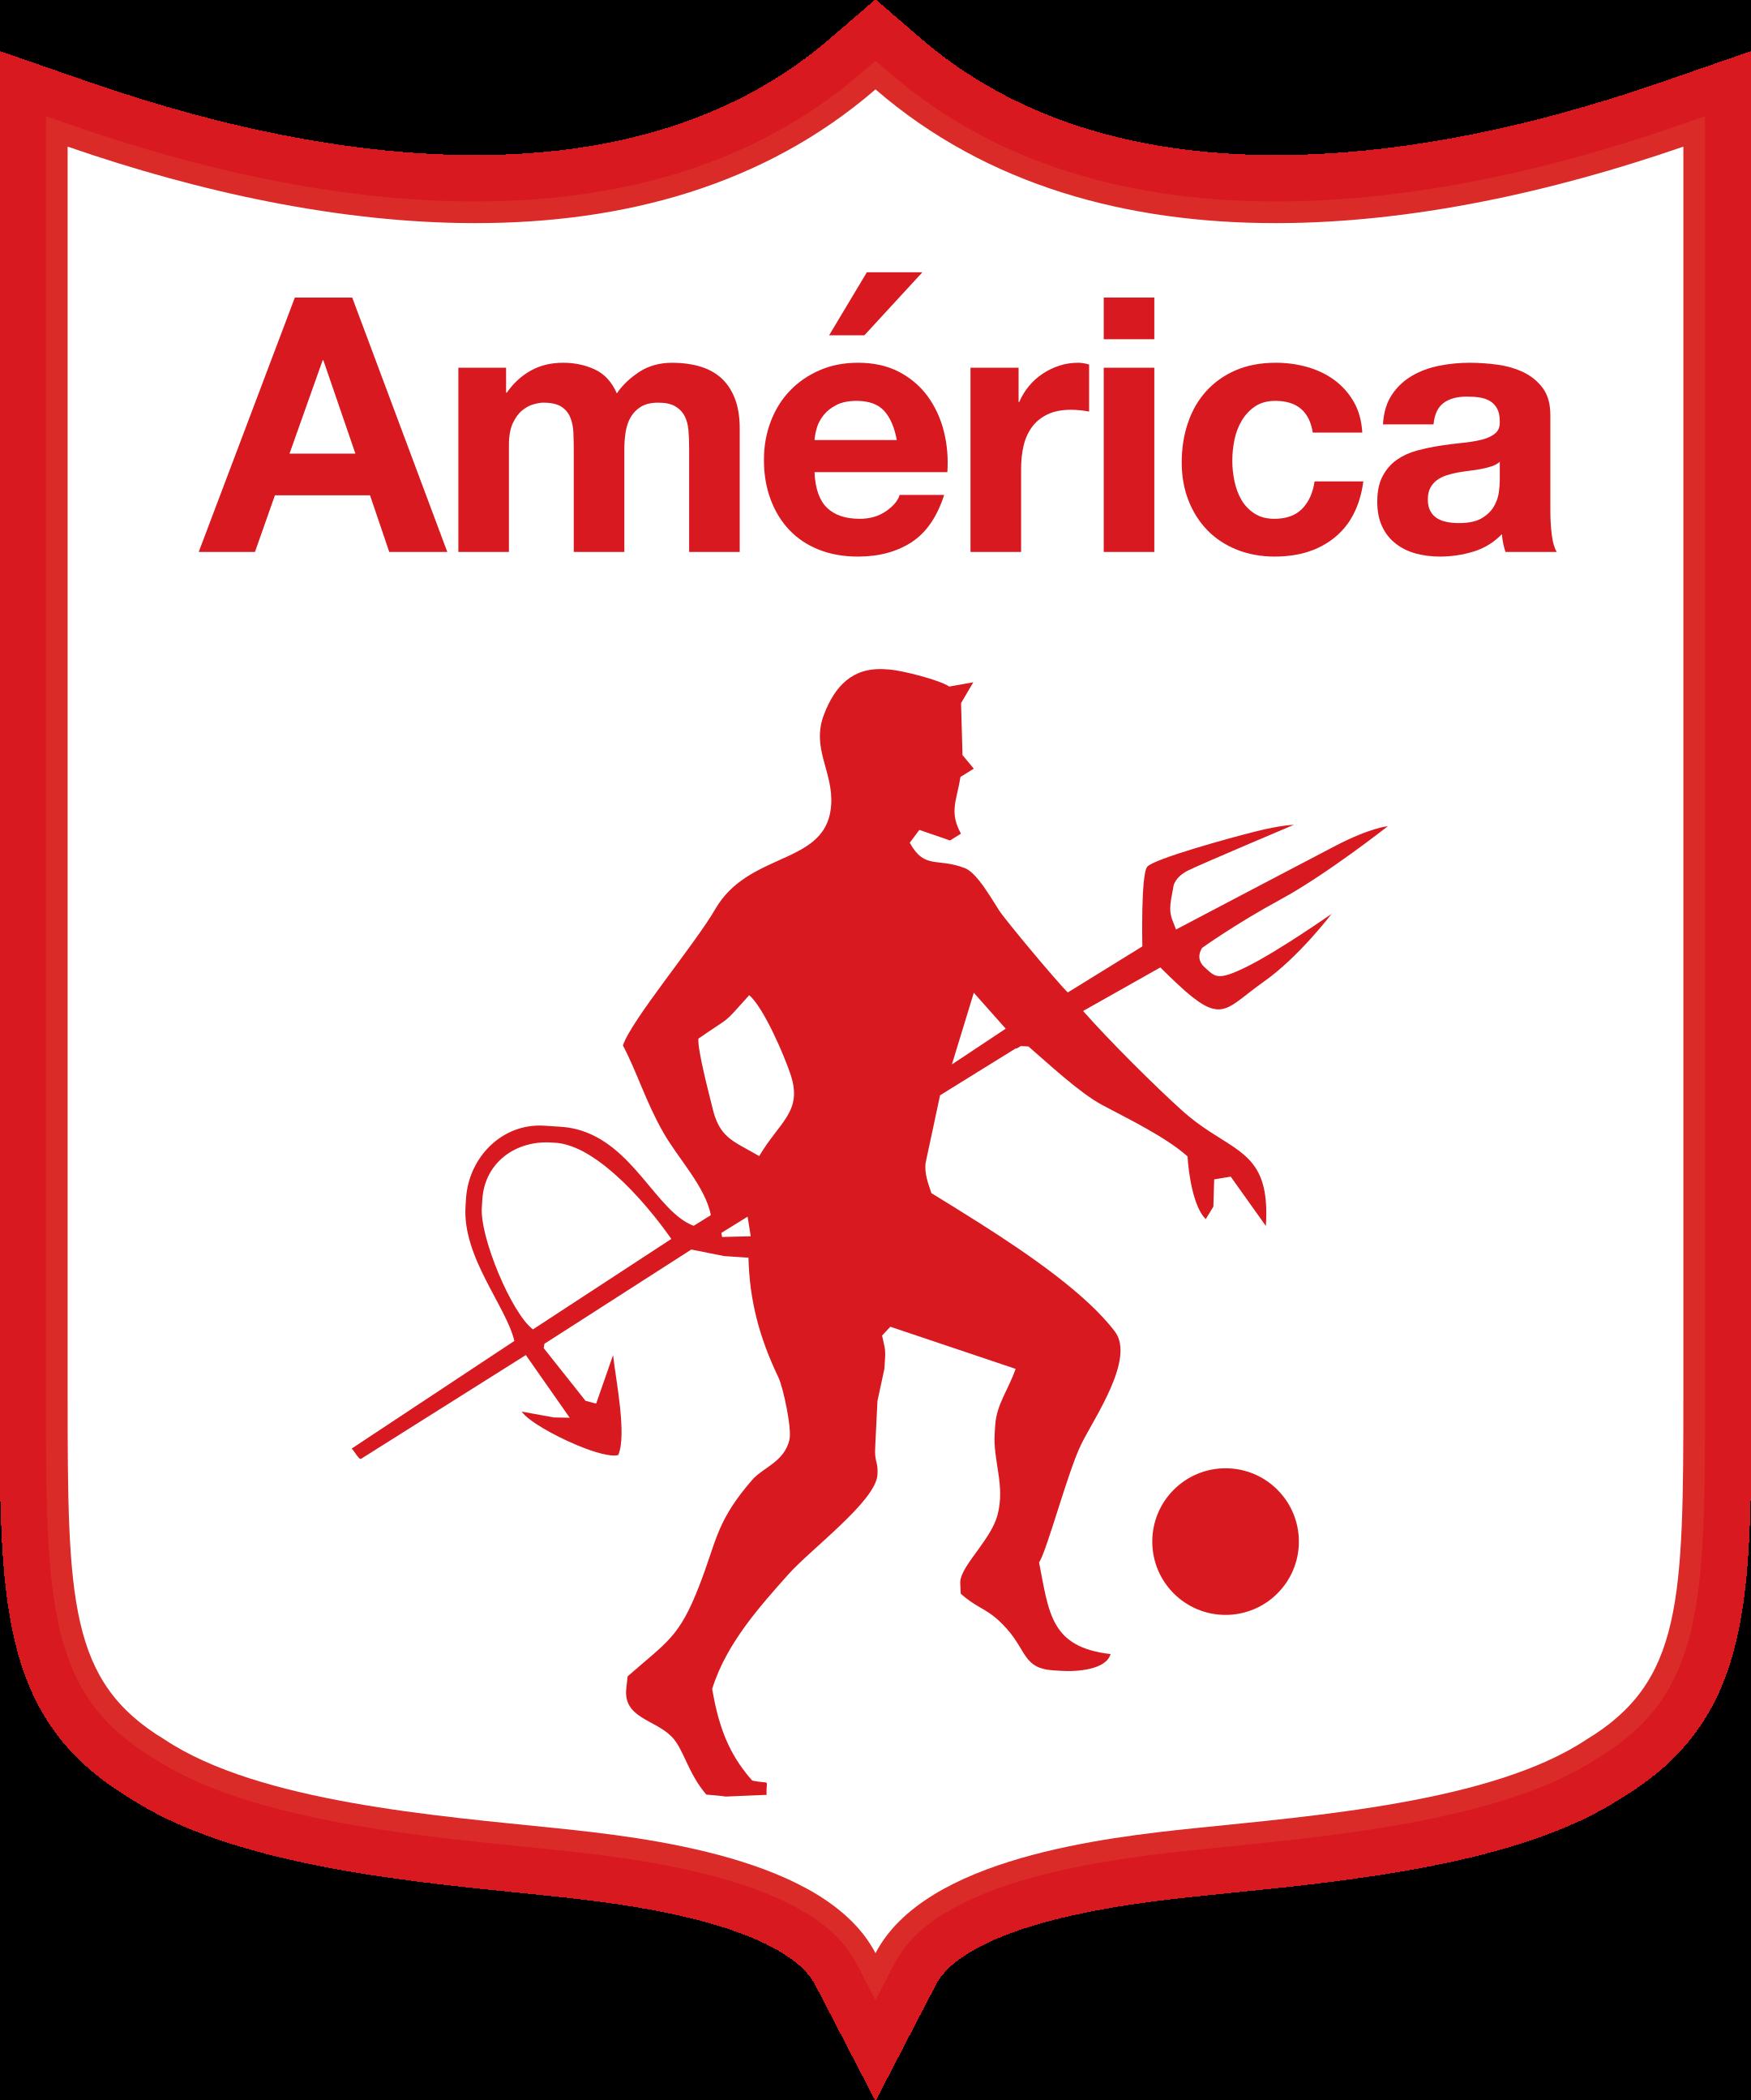 america de cali logo 1 - América de Cali Logo - Escudo